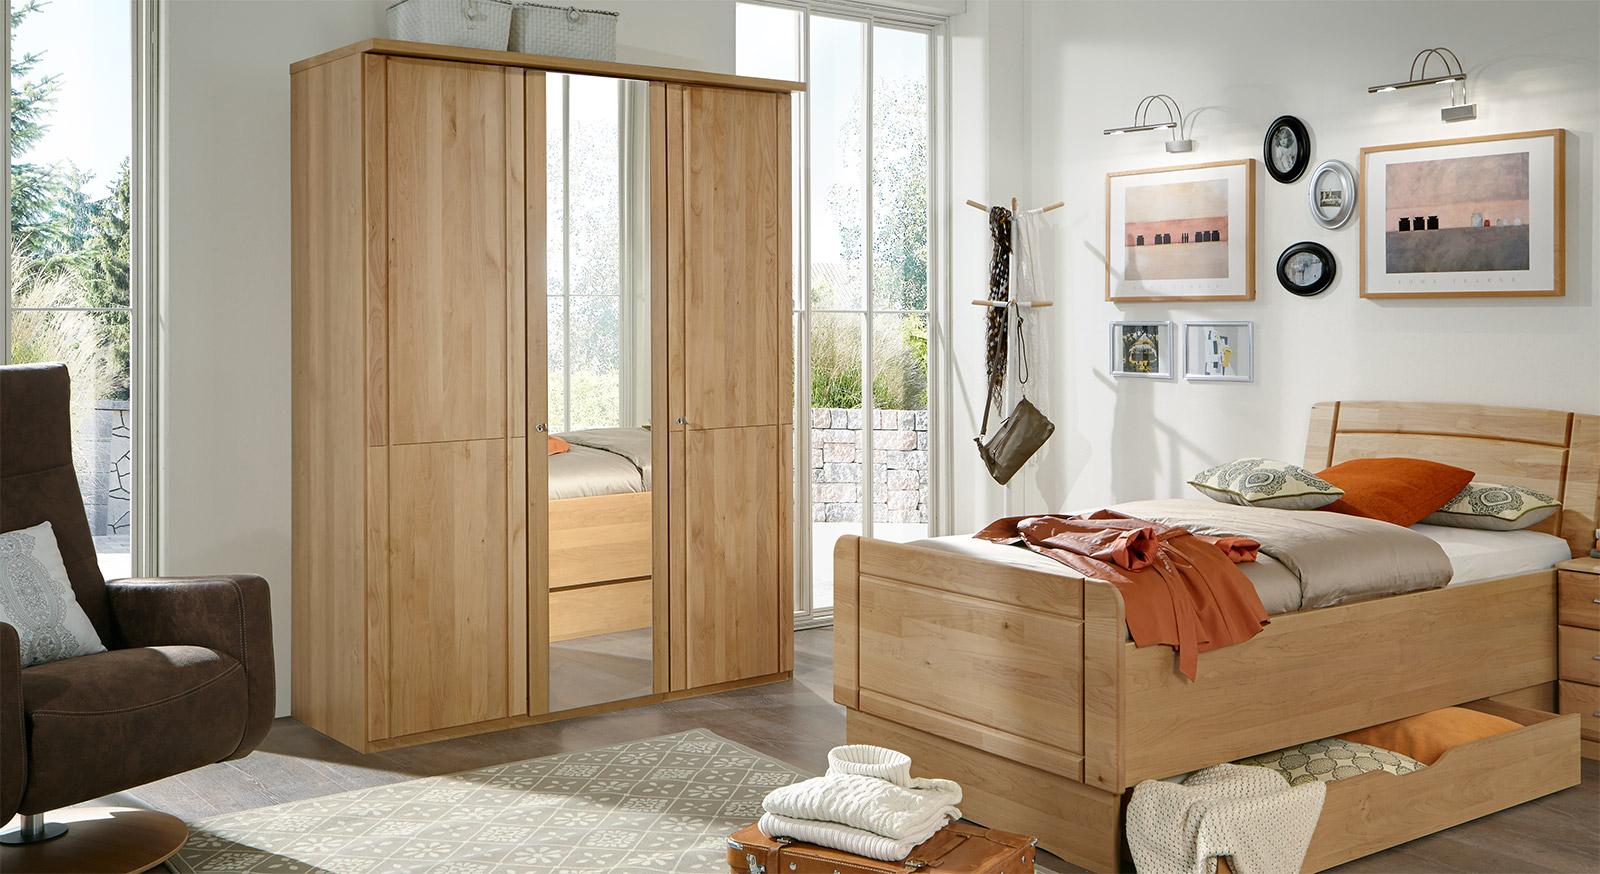 Drehtüren-Kleiderschrank Ageo mit Fronten aus Massivholz